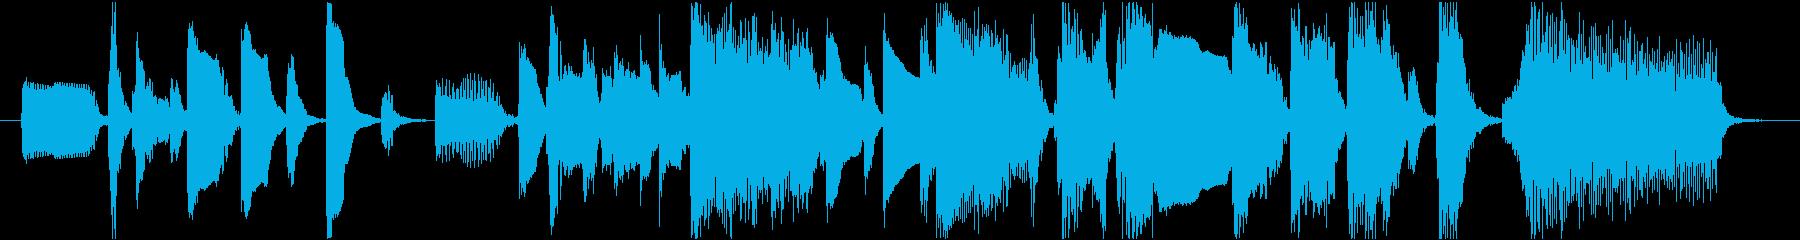 ローズピアノのファンキーなジングル12秒の再生済みの波形